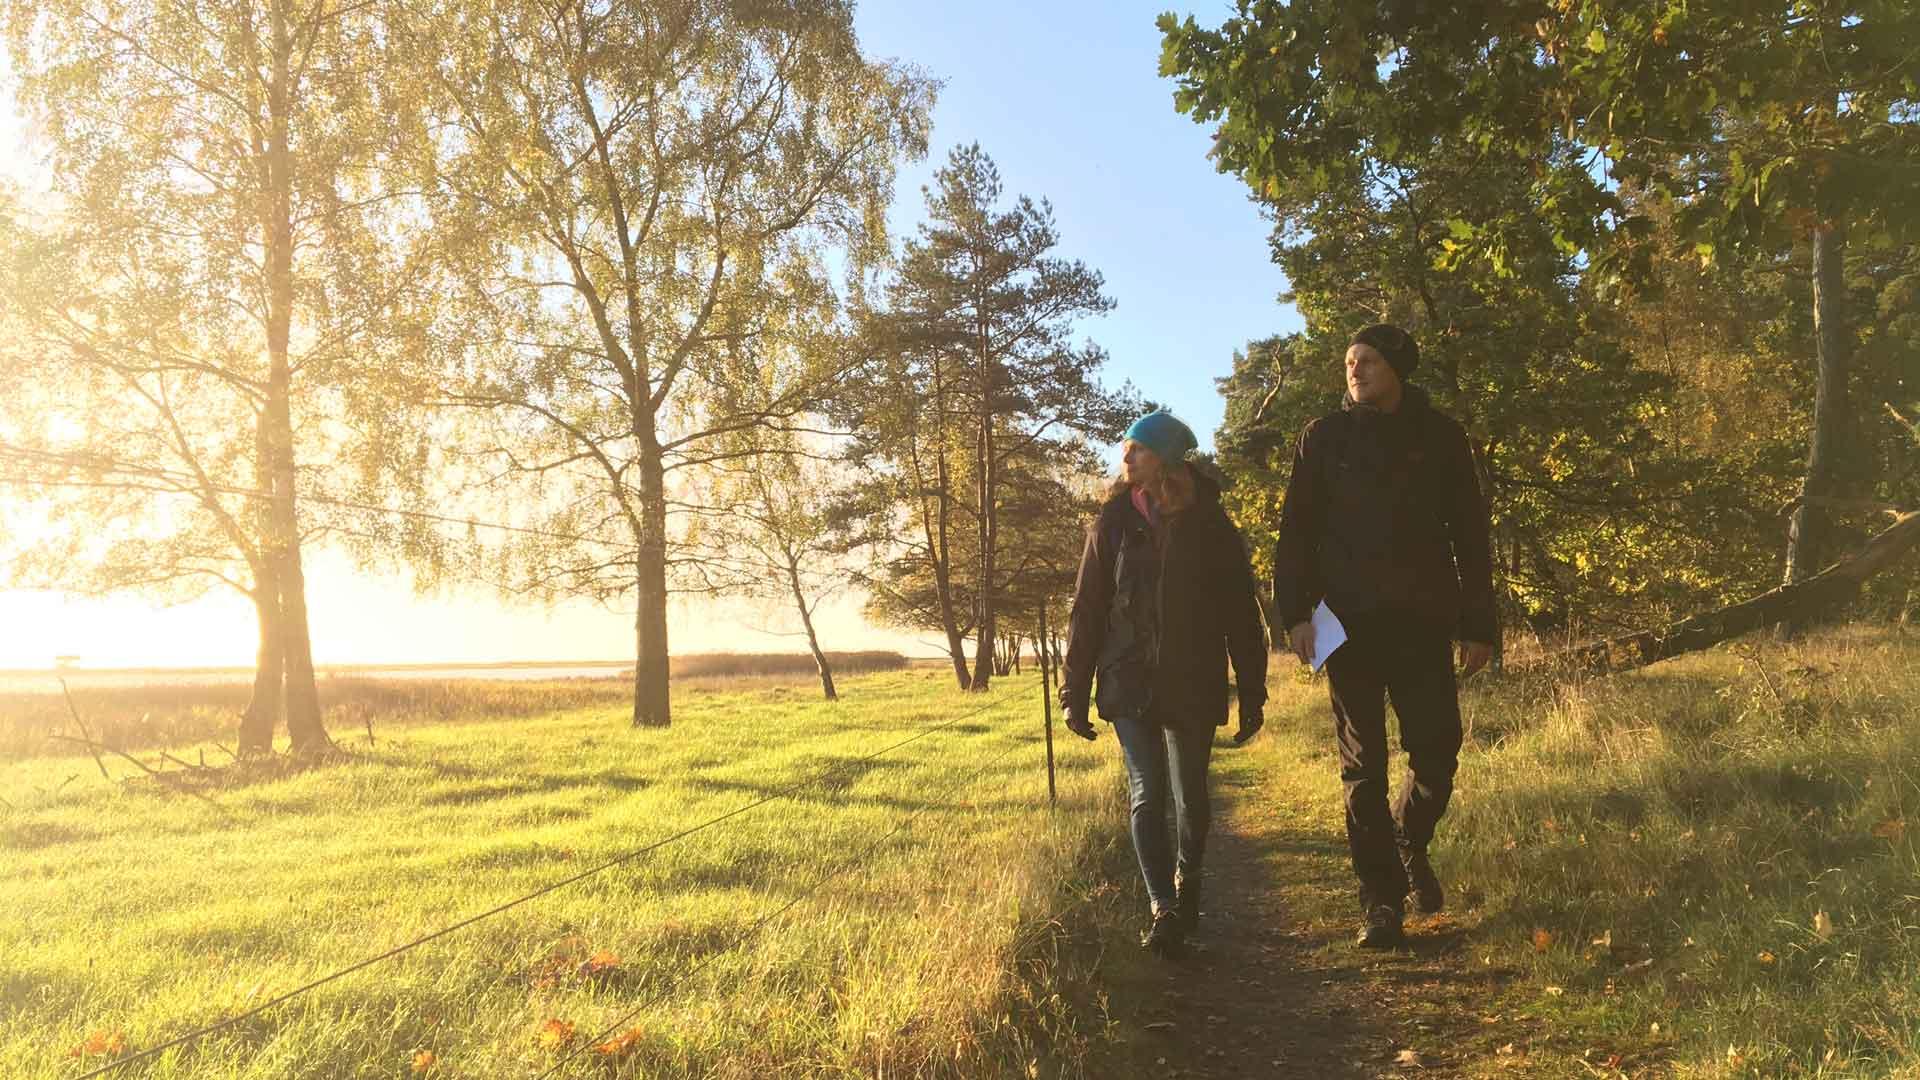 Det är fina promenadstråk vid Äspet. Foto: Åsa Pearce